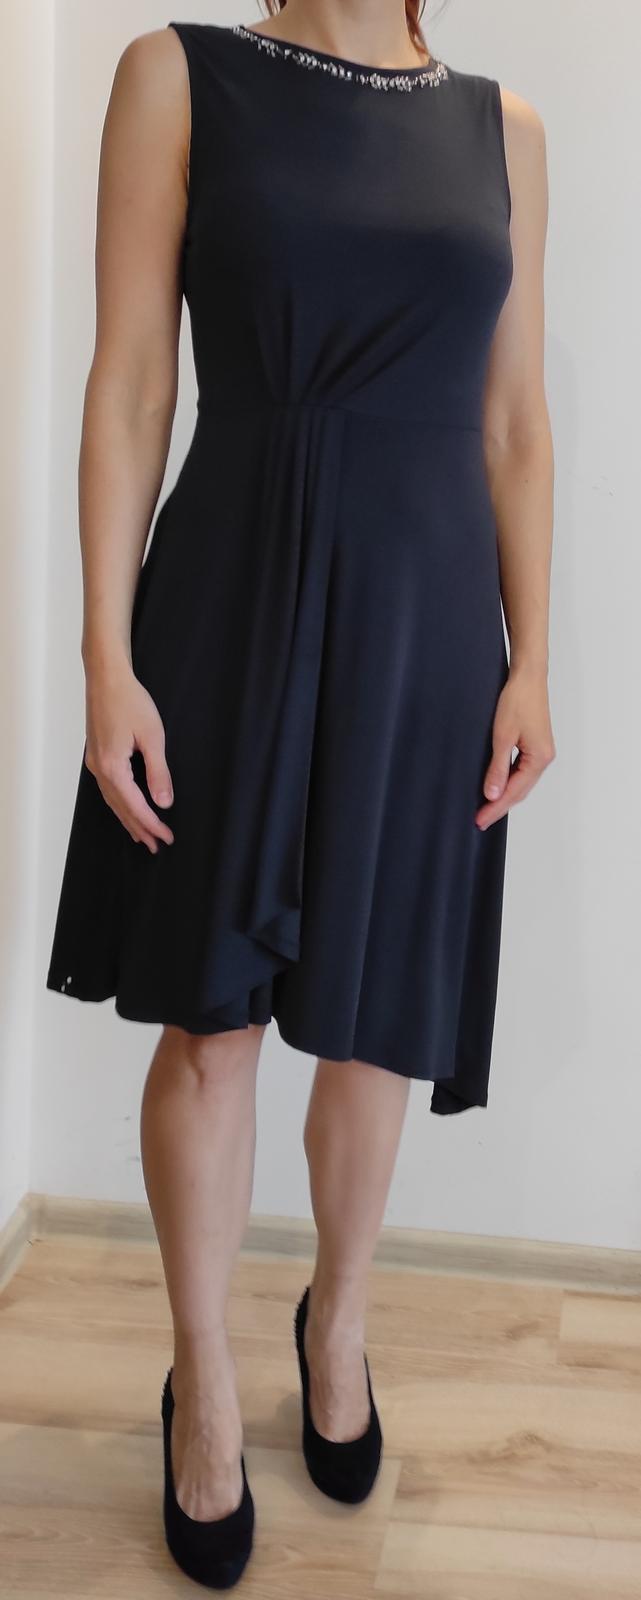 Tmavomodré asymetrické šaty - Obrázok č. 1